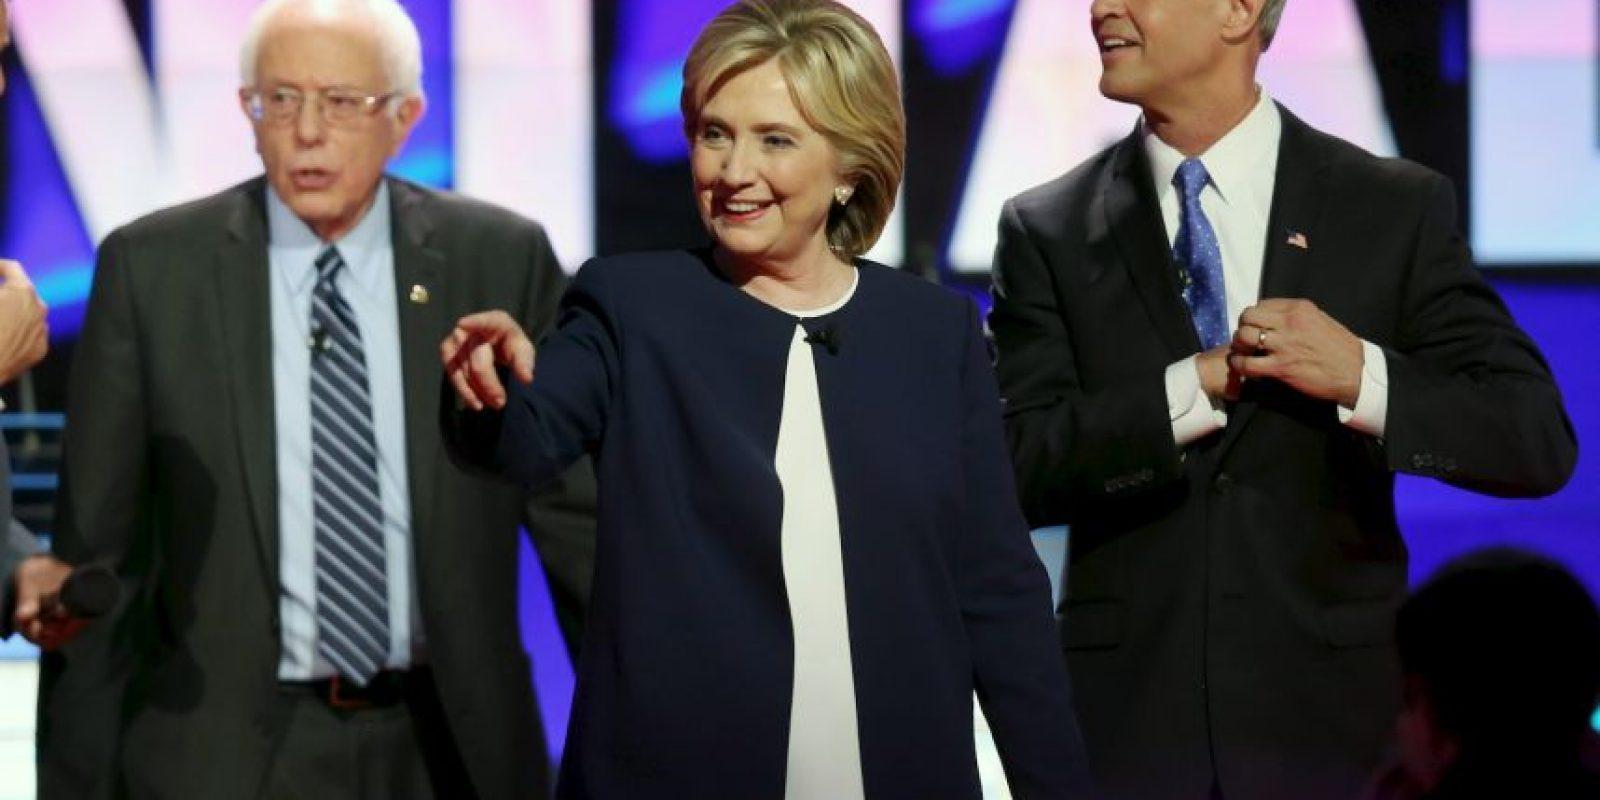 En el participaron los cinco precandidatos interesados para ocupar el cargo de Barack Obama en 2016. Foto:Getty Images